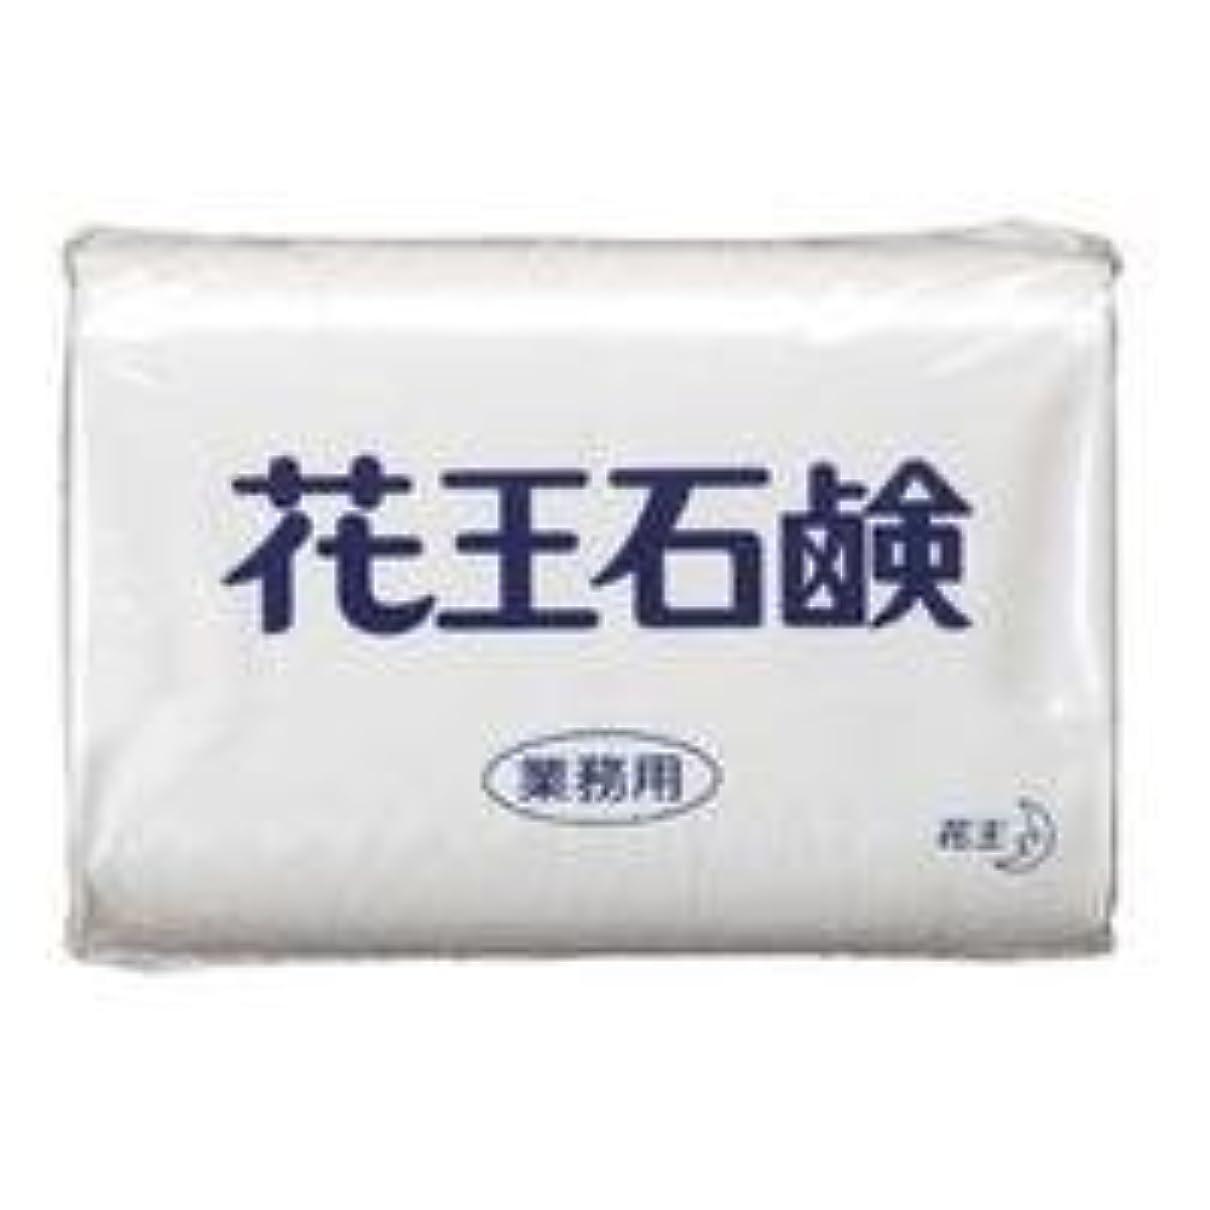 ふけるいつでもスタウト業務用石鹸 85g 3個×40パック(120個入り)